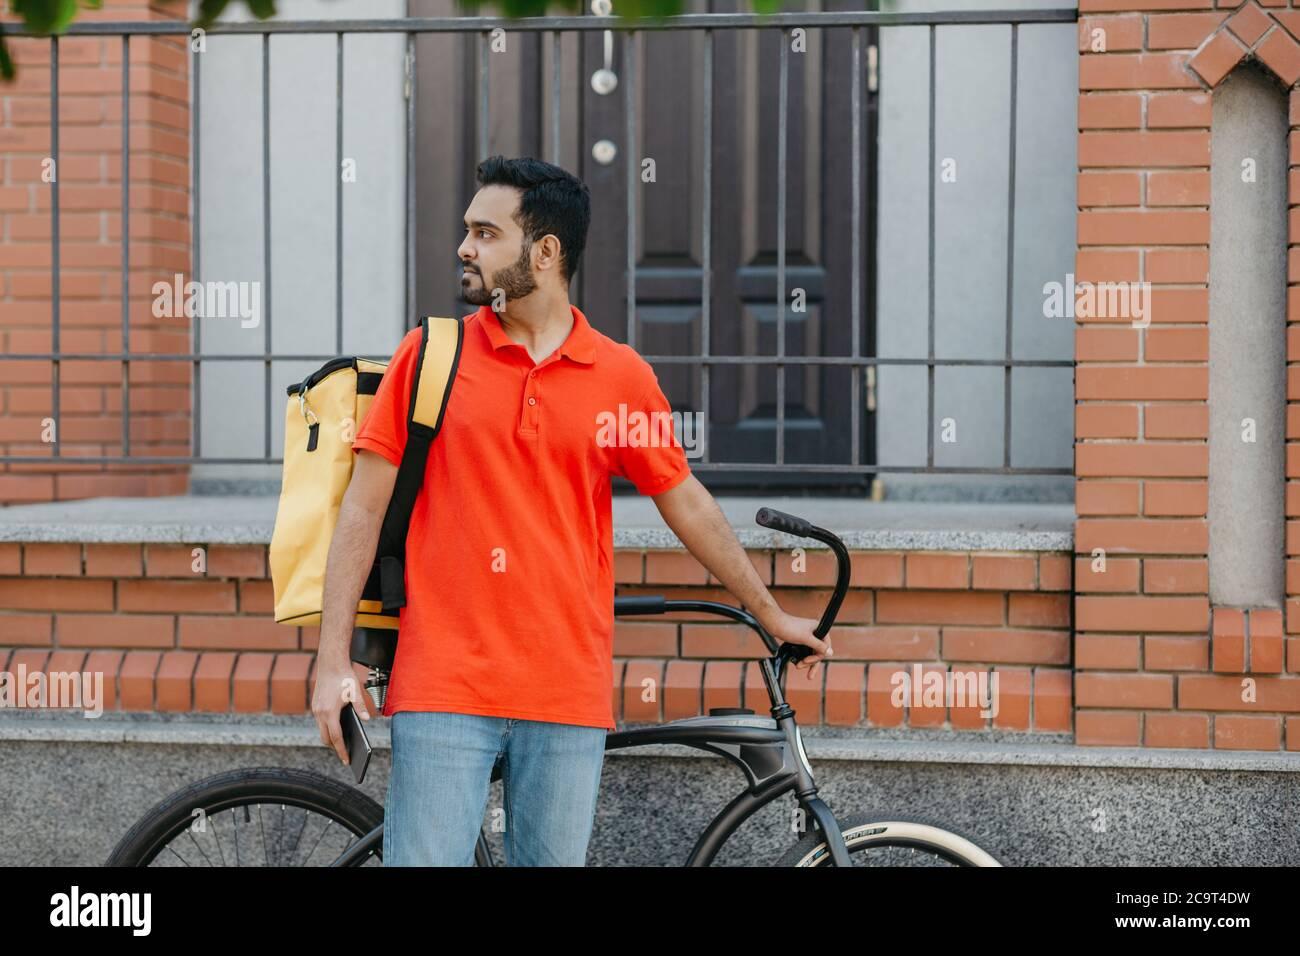 Lavorare in città. Un vero deliveryman con barba con zaino e bicicletta, con smartphone e alla ricerca di indirizzo Foto Stock